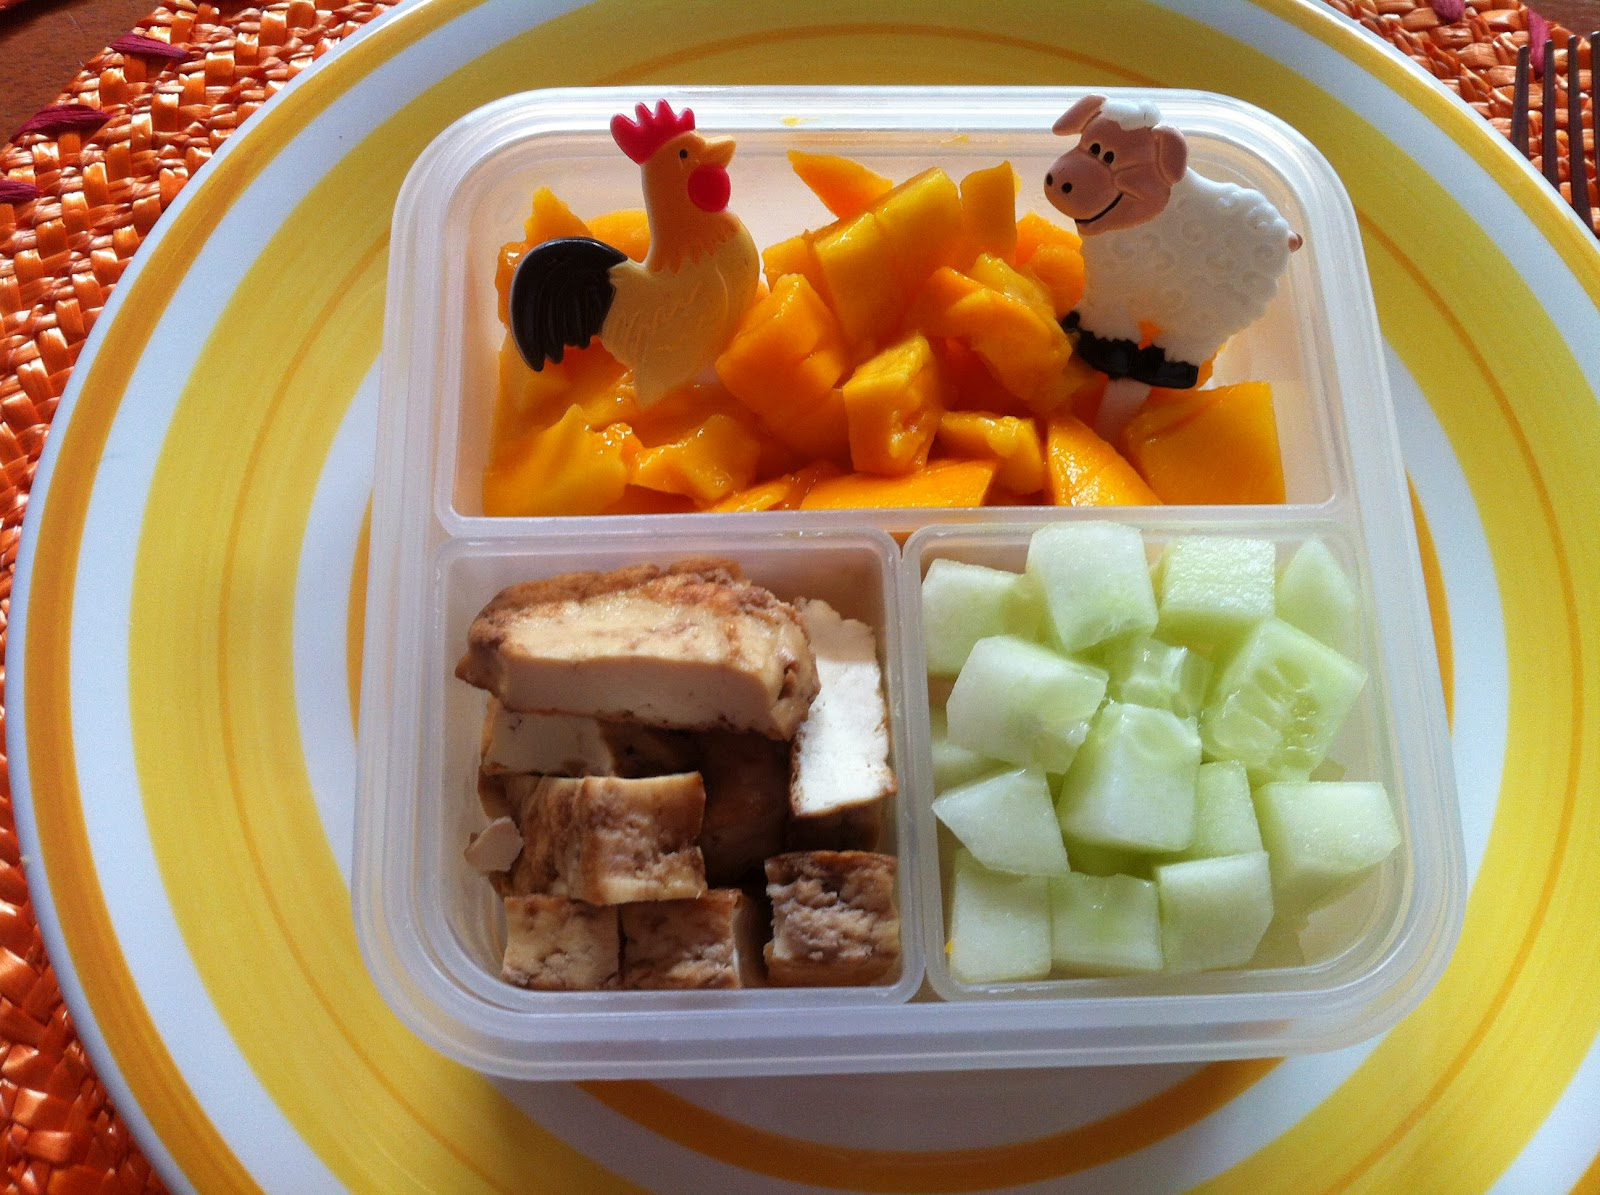 El lunch de mi enano usando la comida del dia anterior - Que hago de comer rapido y sencillo ...